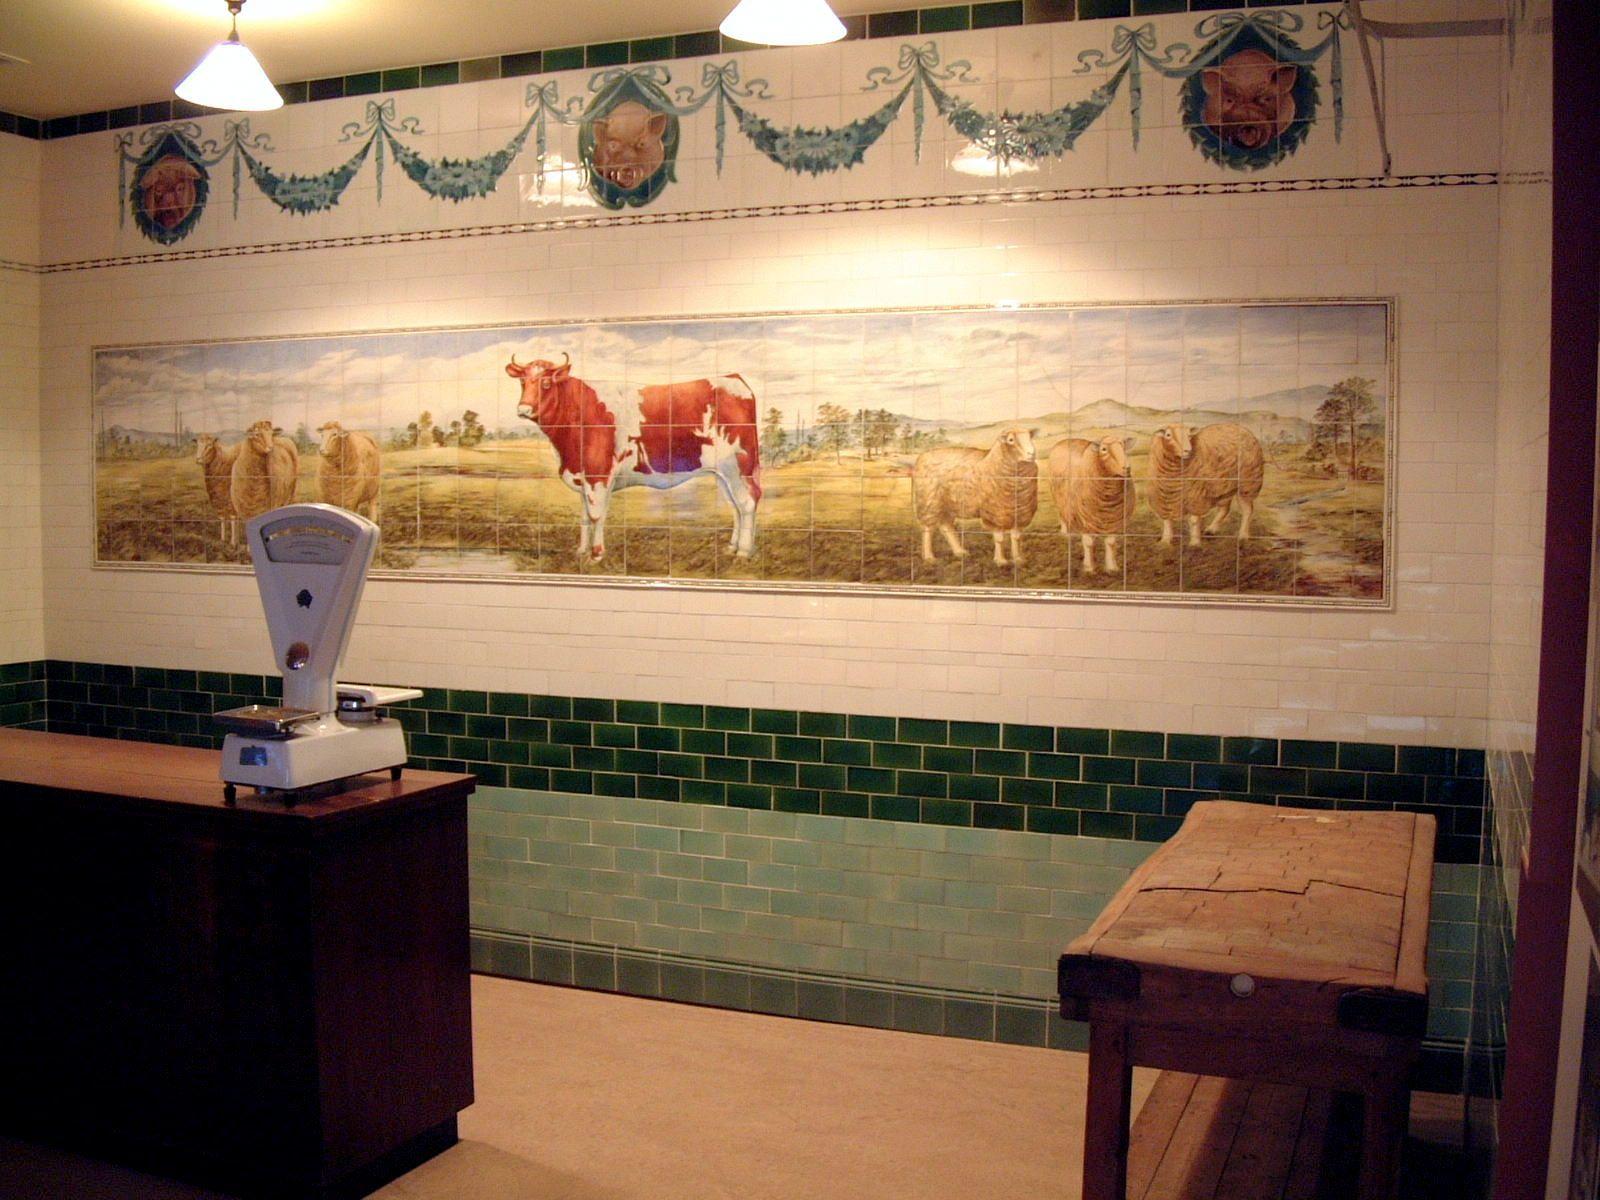 Butcher tiles tiles wall paneling paneling